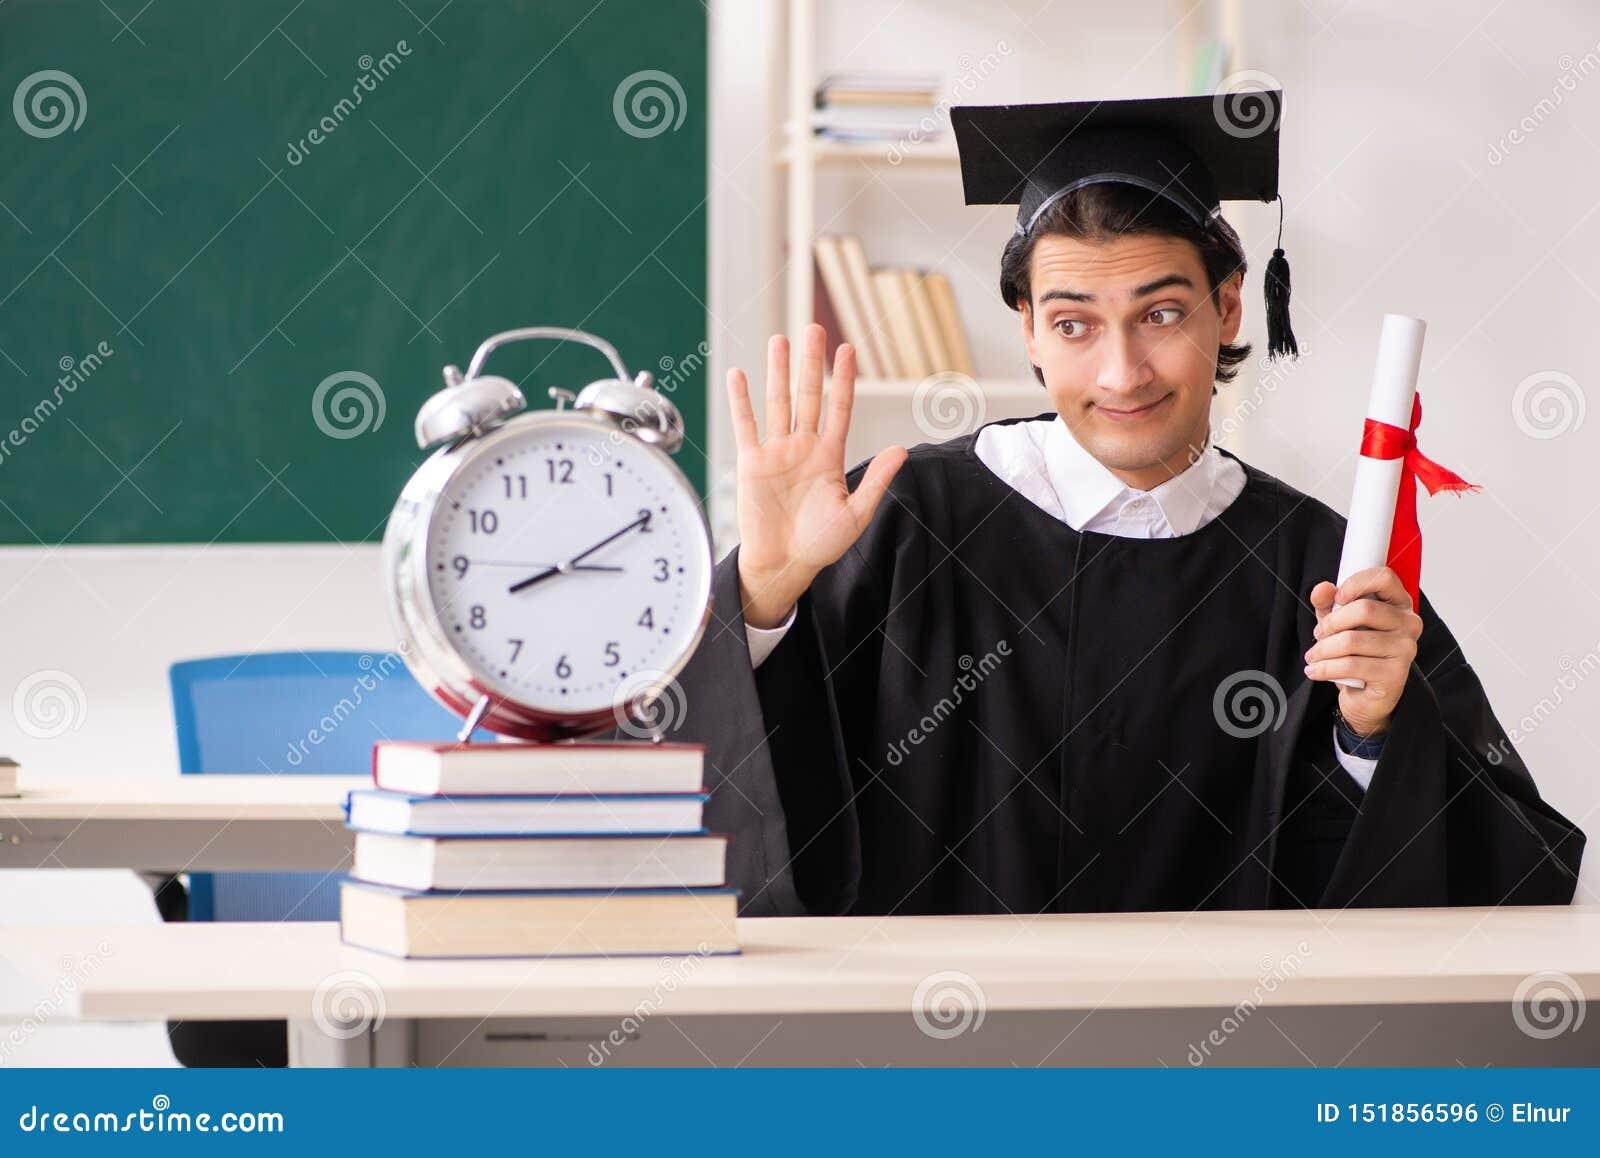 Student im Aufbaustudium vor gr?nem Brett